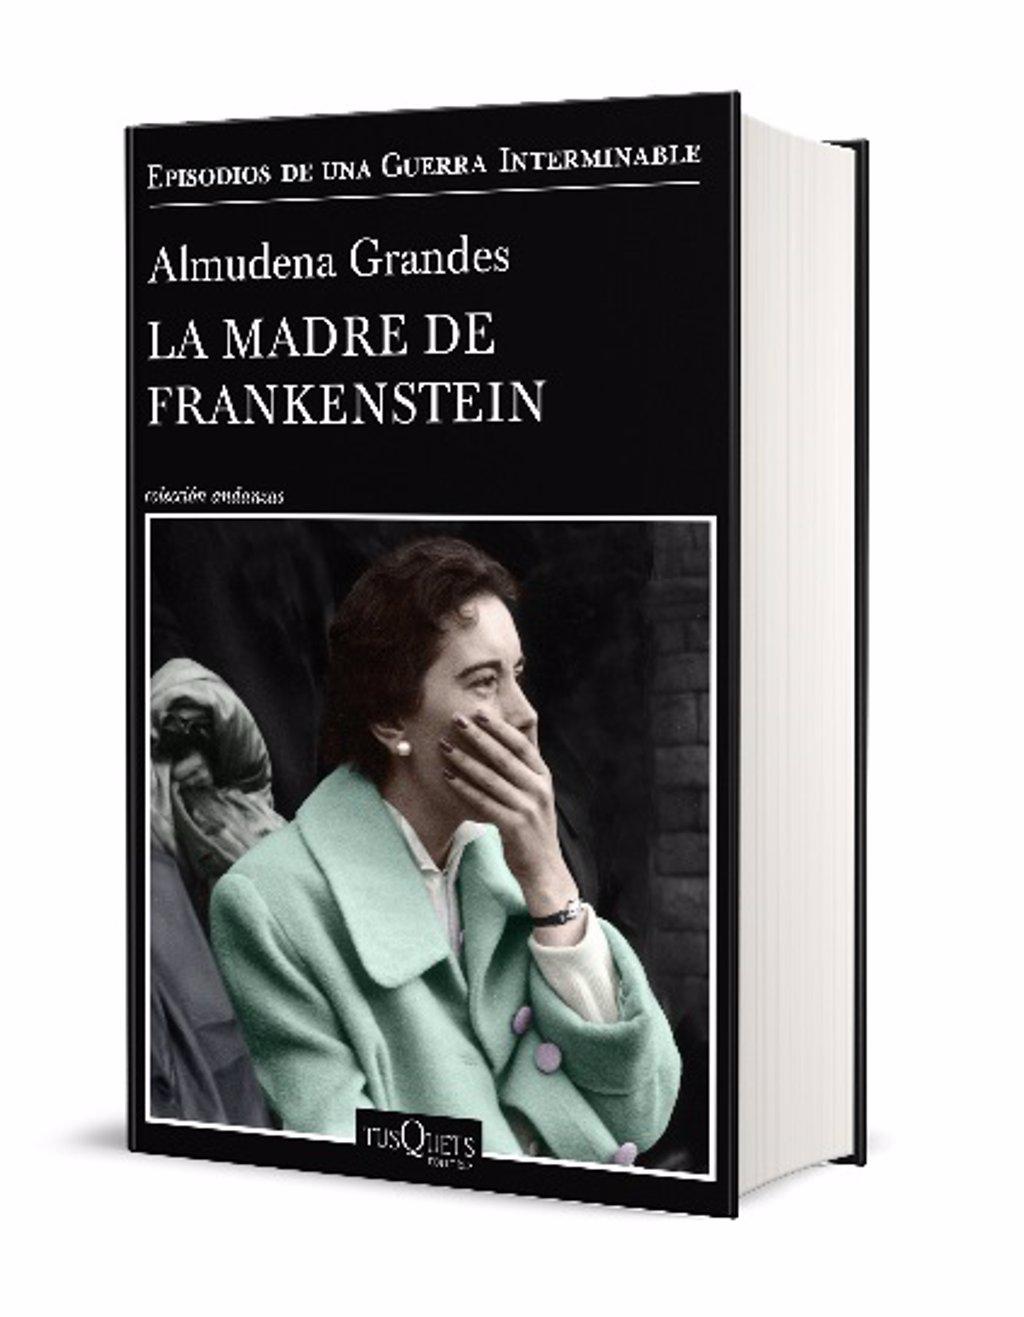 Tusquets publicará el 4 de febrero la nueva novela de